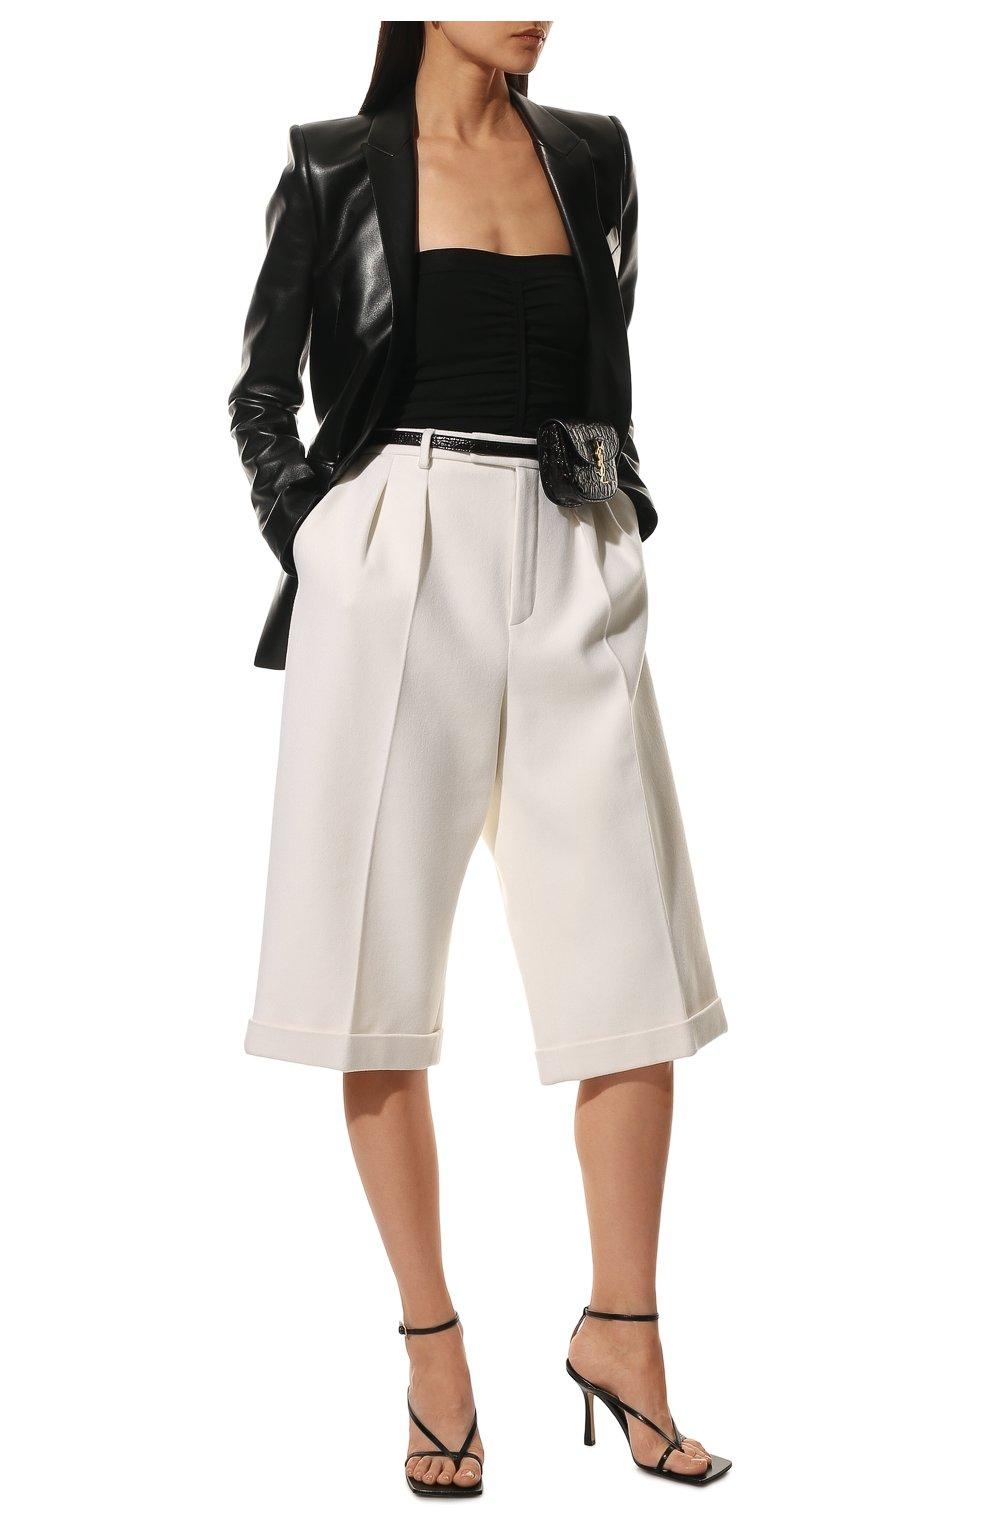 Женские шорты из шерсти и кашемира SAINT LAURENT белого цвета, арт. 640224/Y3B45 | Фото 2 (Женское Кросс-КТ: Шорты-одежда; Материал внешний: Шерсть; Кросс-КТ: Широкие; Длина Ж (юбки, платья, шорты): До колена; Материал подклада: Шелк; Стили: Кэжуэл)